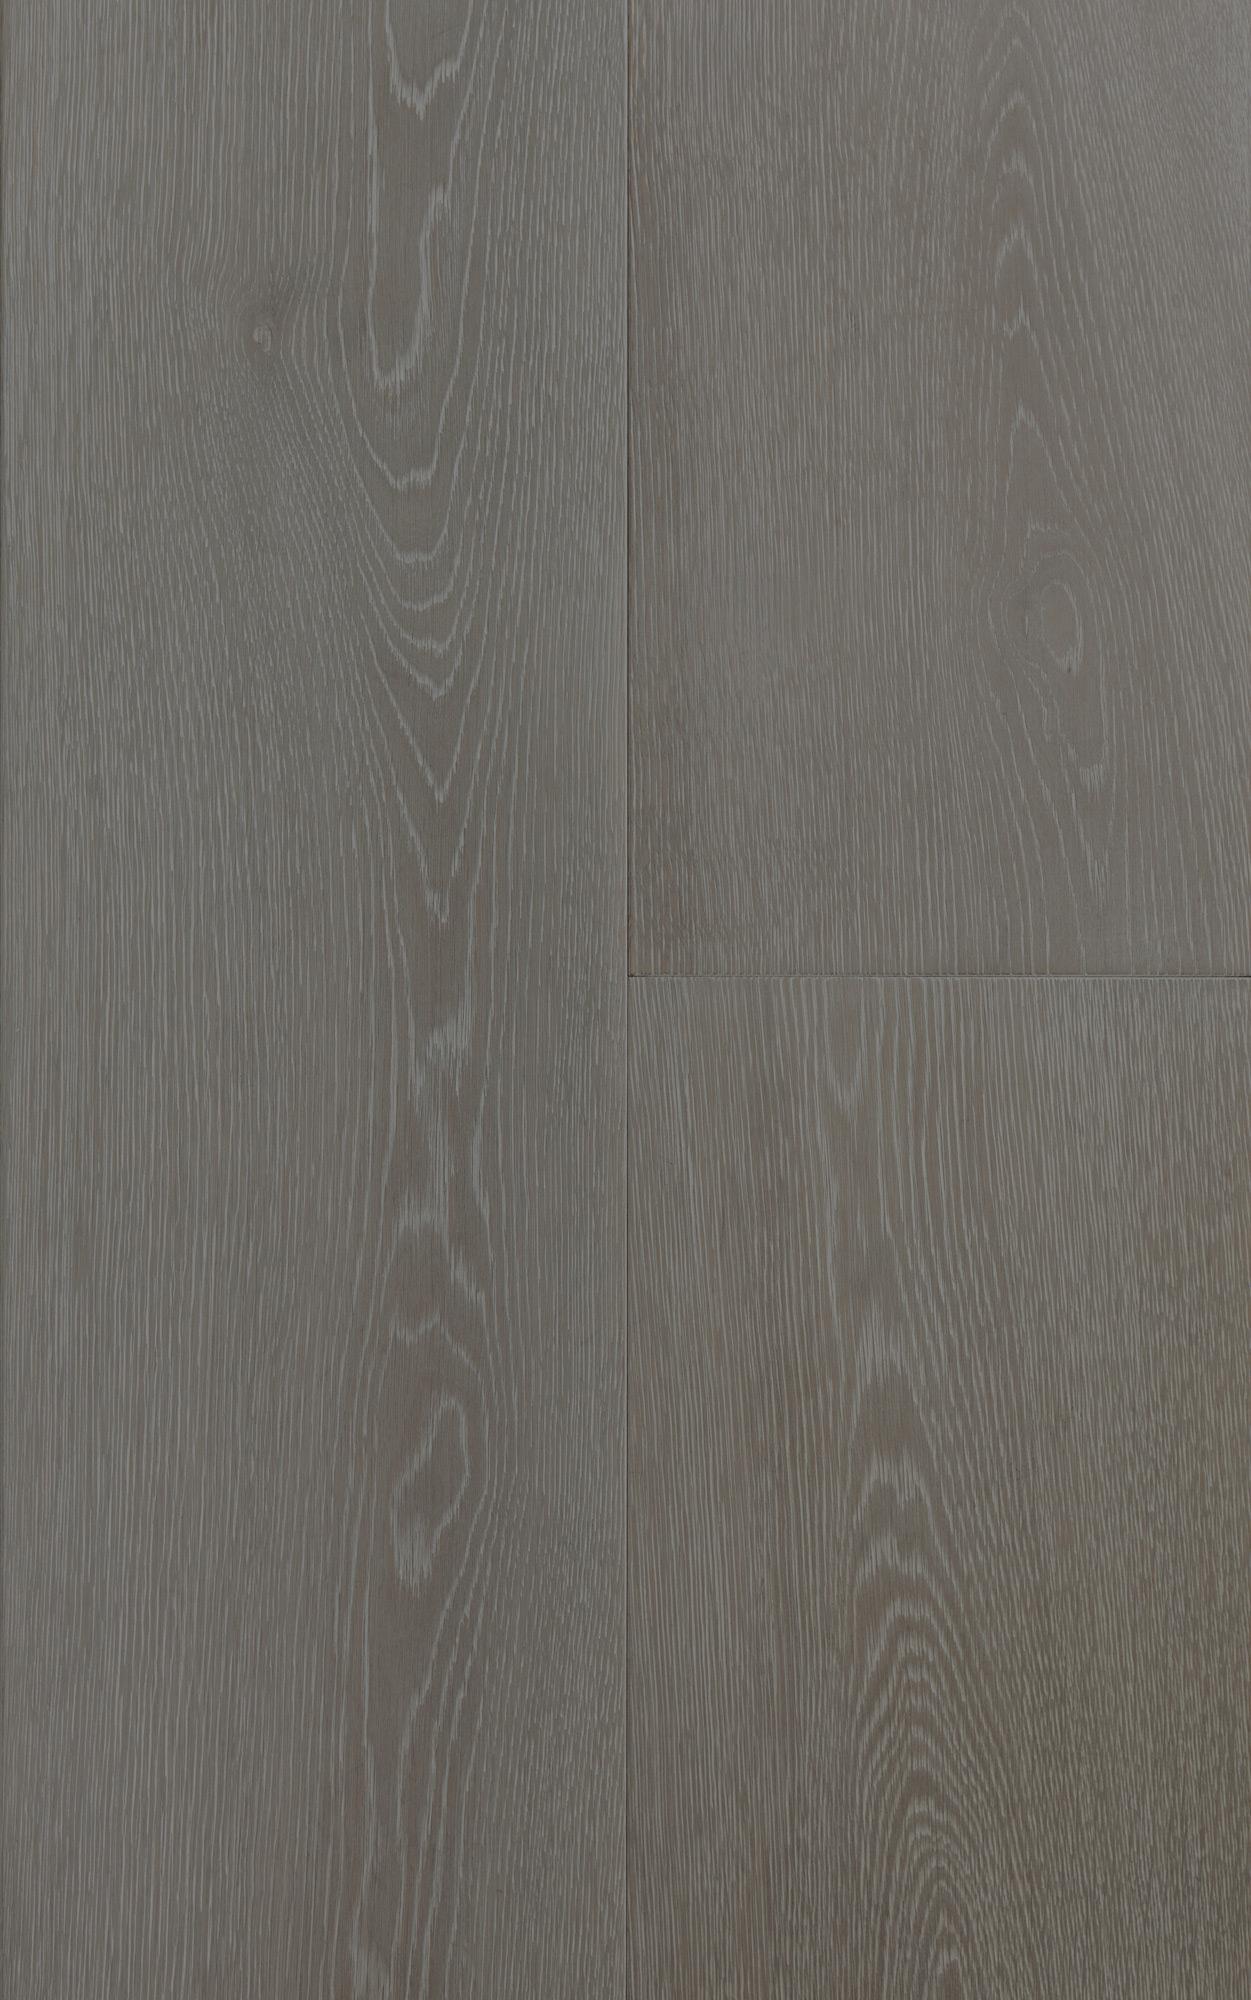 Ash Grey Oak Element7